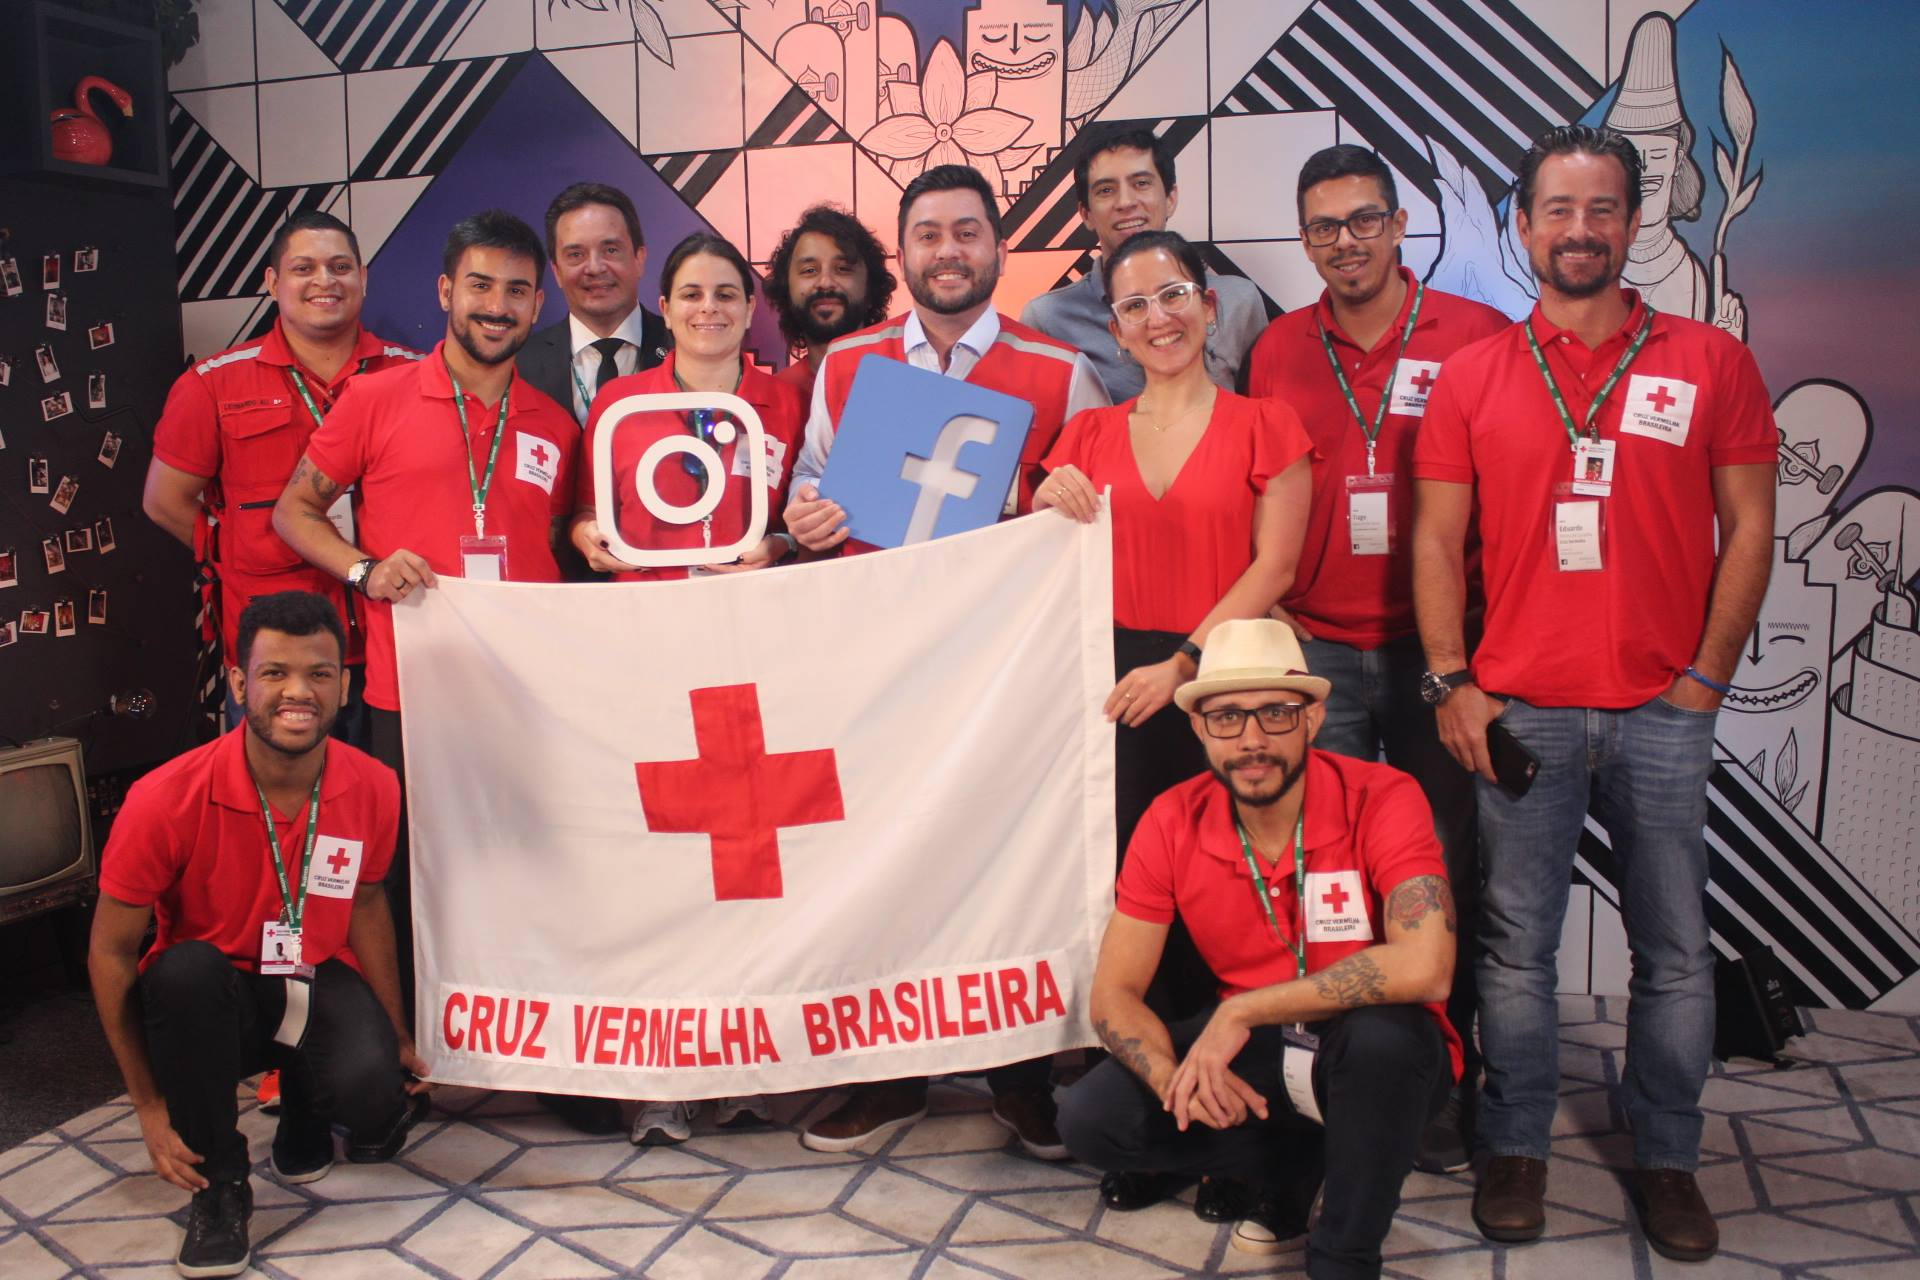 Cruz Vermelha Brasileira encerra compromissos em São Paulo com resultados positivos (5)